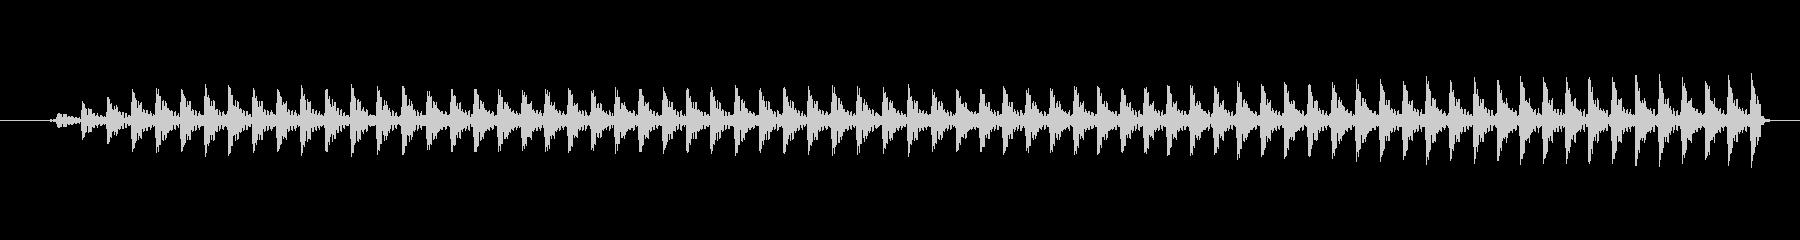 オートバイ モトクロスアイドル01の未再生の波形